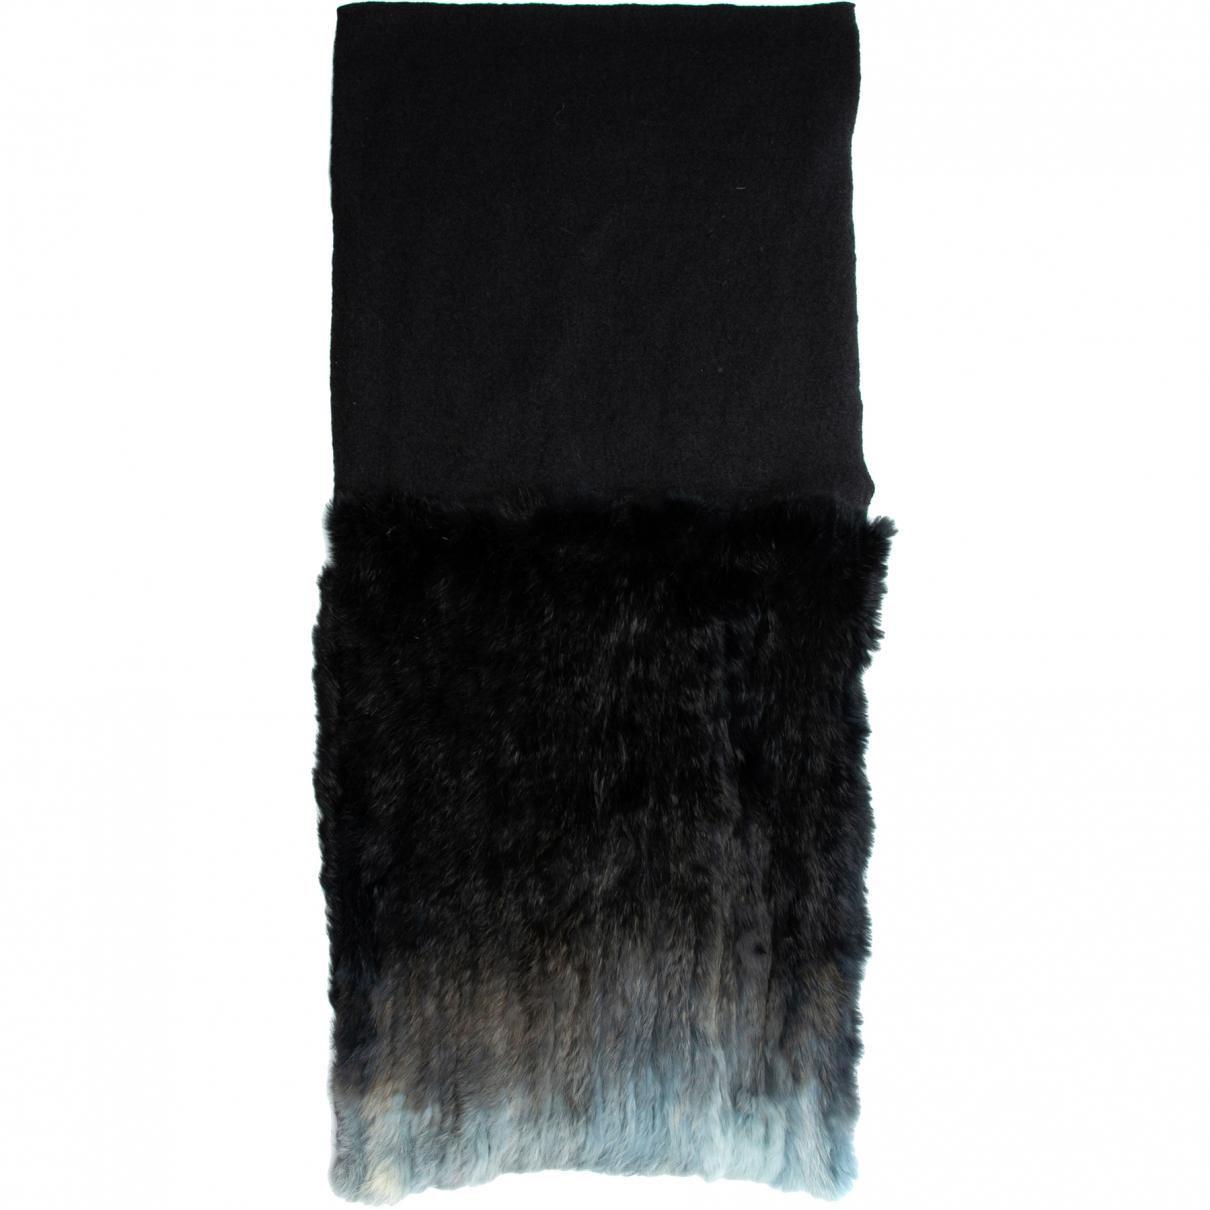 Dolce & Gabbana \N Schal in  Schwarz Wolle